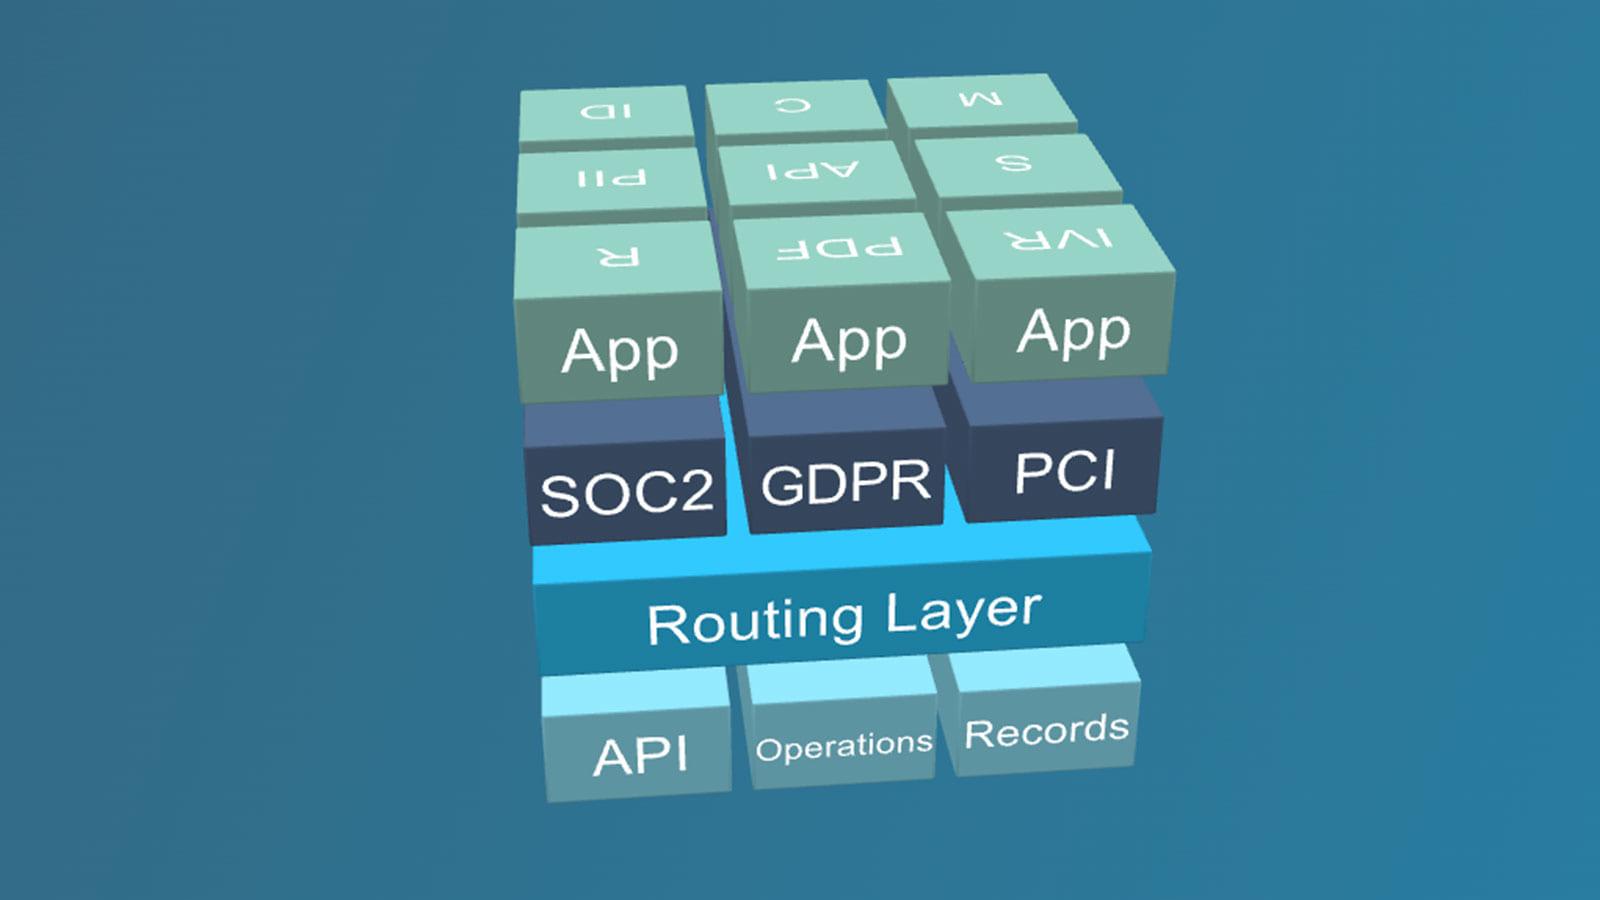 銀行のようにデータを代わりに保管し、企業をリスクフリーに。データ保護問題を解決する、Very Good Security